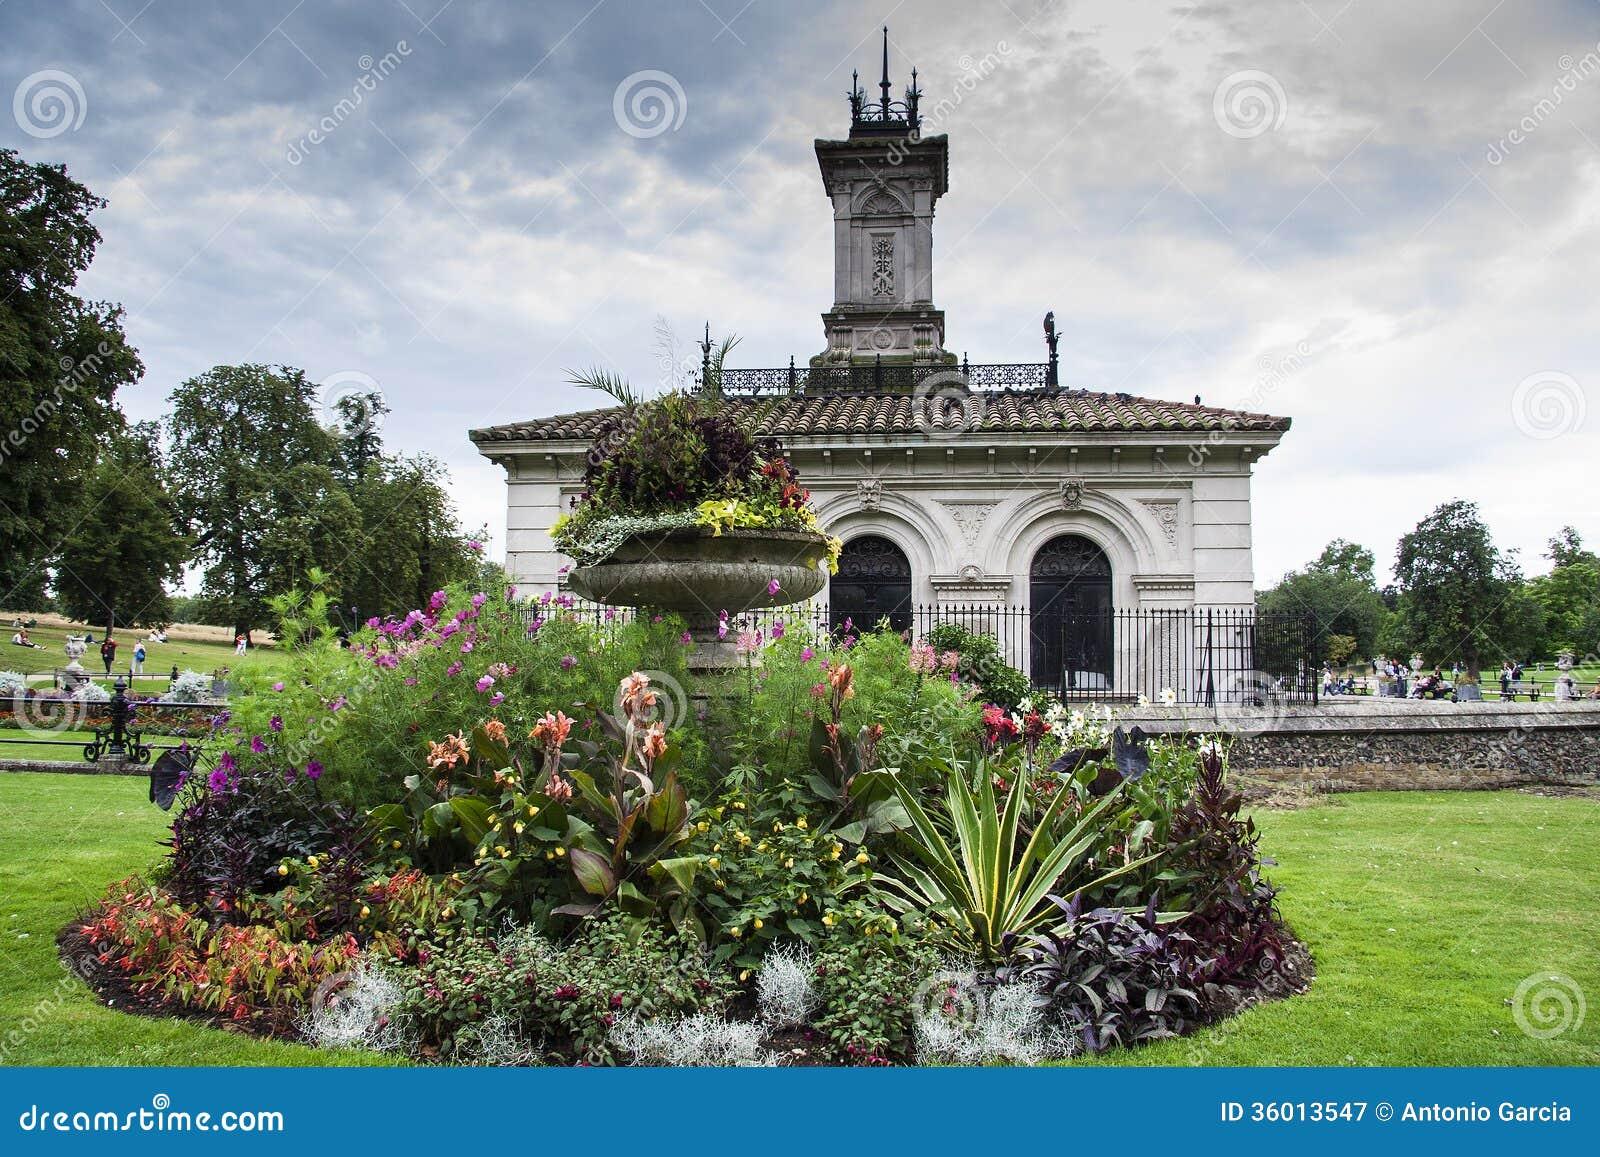 Italian Garden At Kensington Gardens Stock Photography